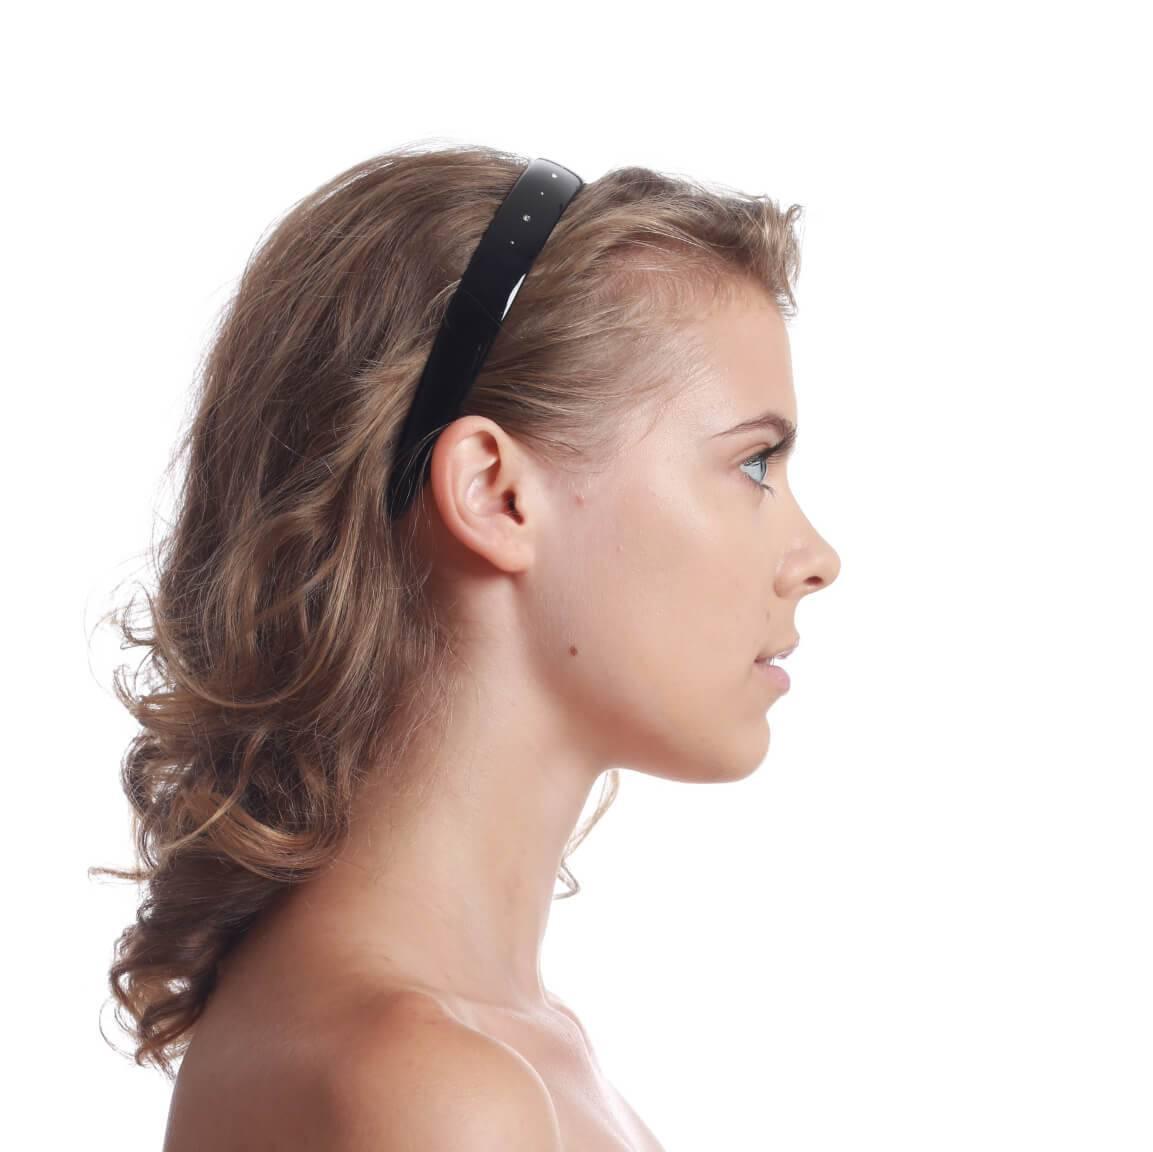 model with headband 3